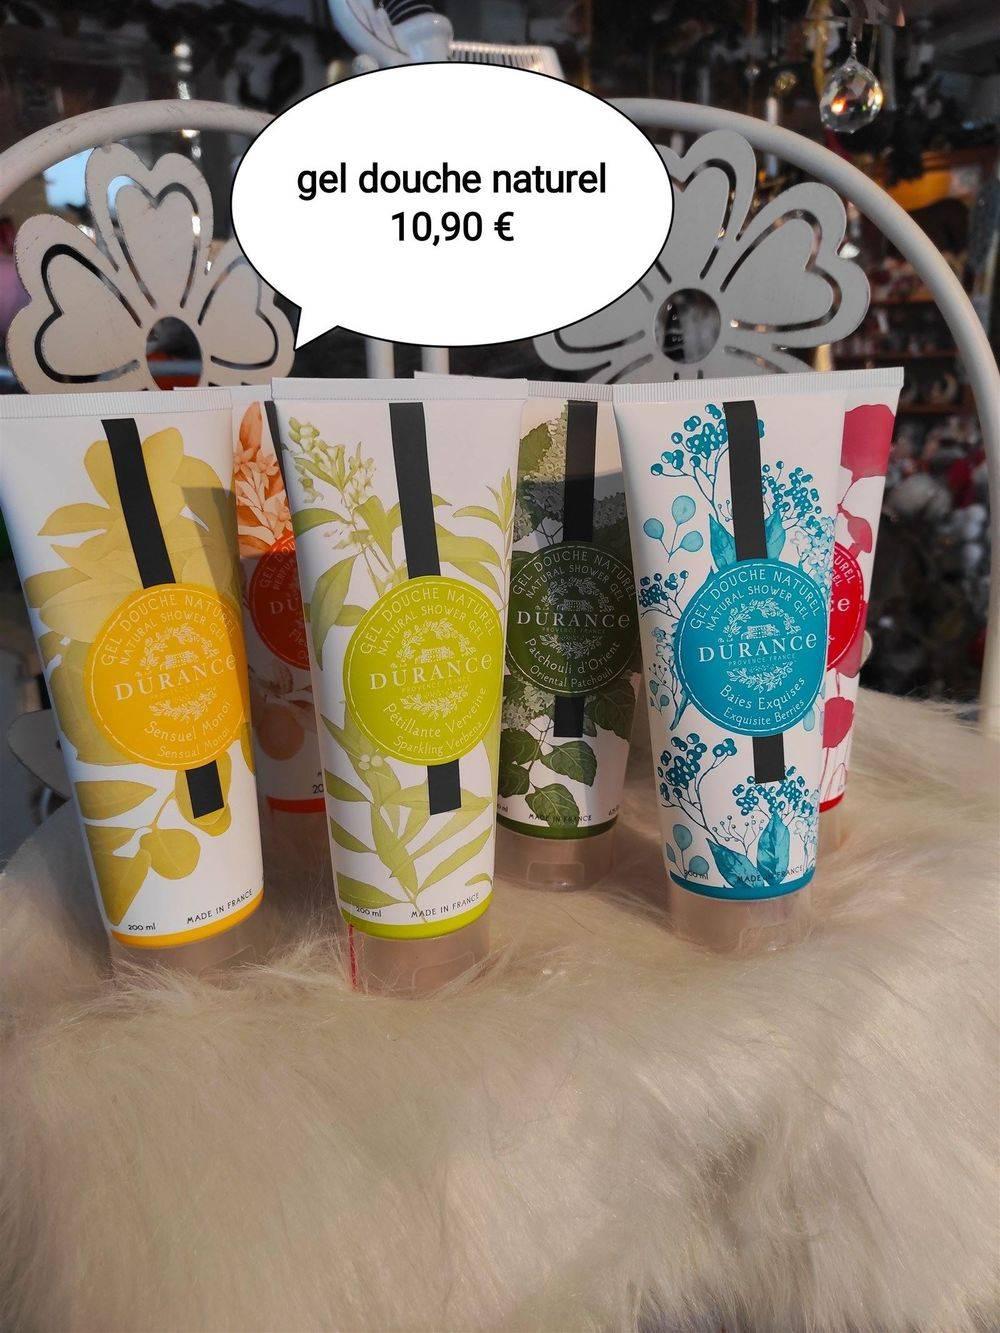 GEL DOUCHE NATUREL 100 ML Parfums : Sensuel Monoï Pétillante Verveine Baies Exquises Patchouli d'Orient Fleur d'oranger Joli Coquelicot